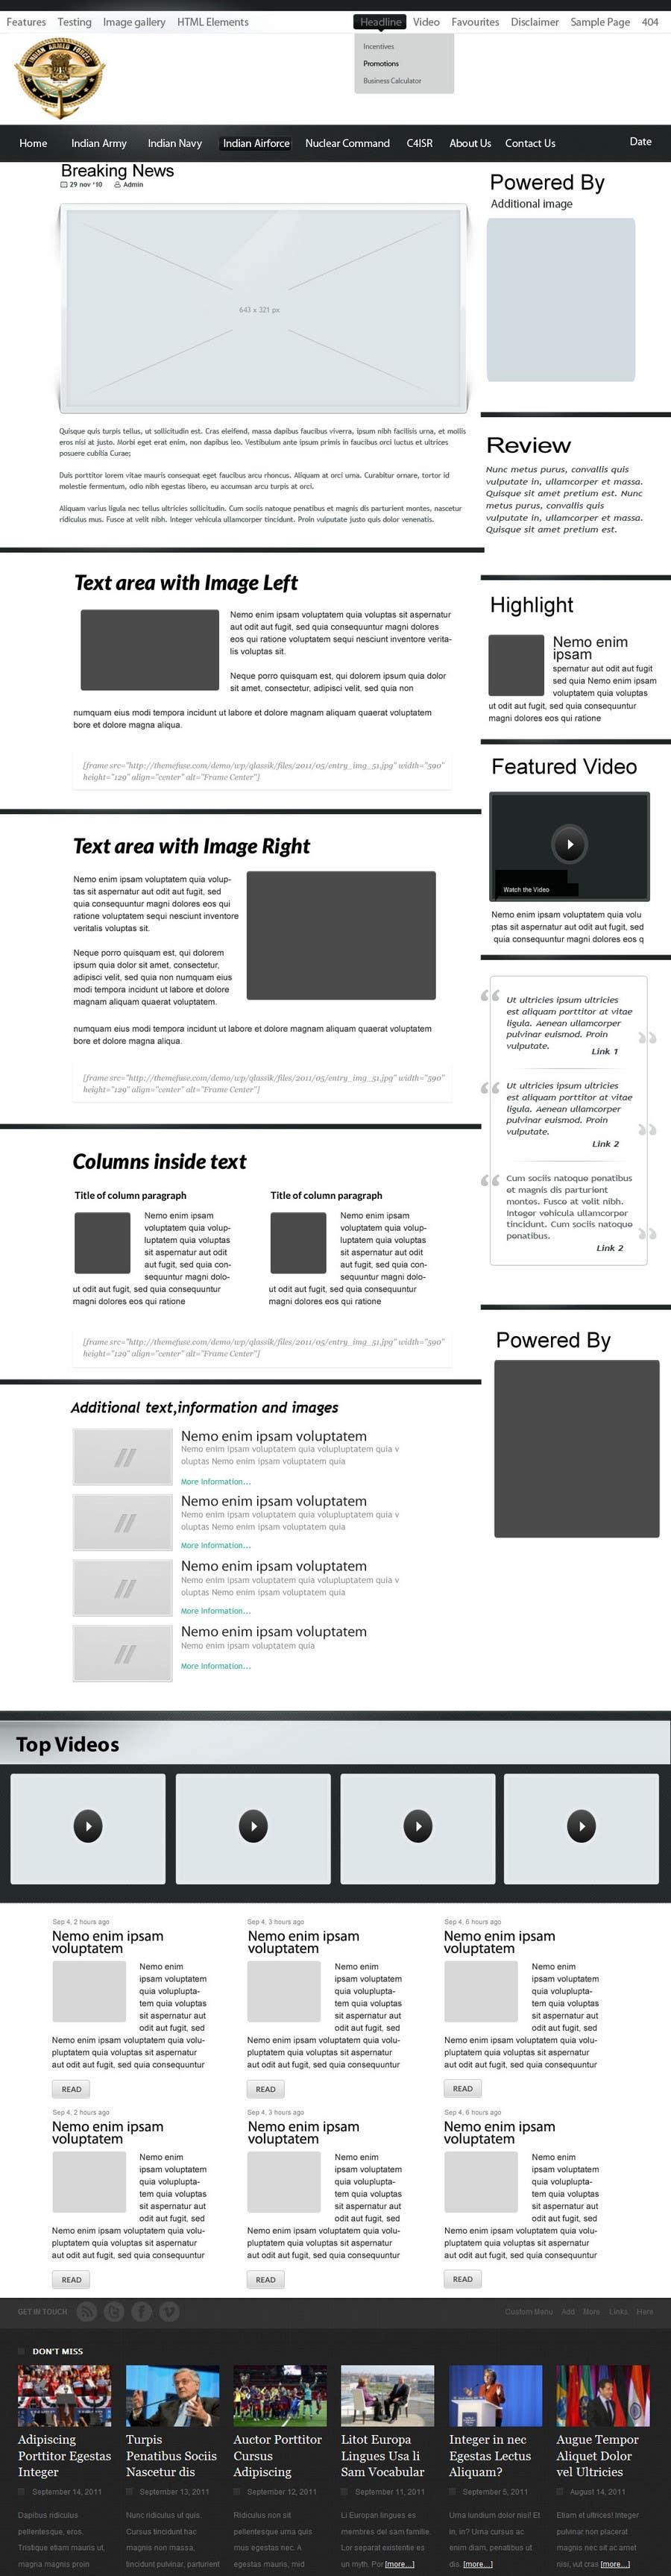 Konkurrenceindlæg #                                        27                                      for                                         Website Design for IAF Review